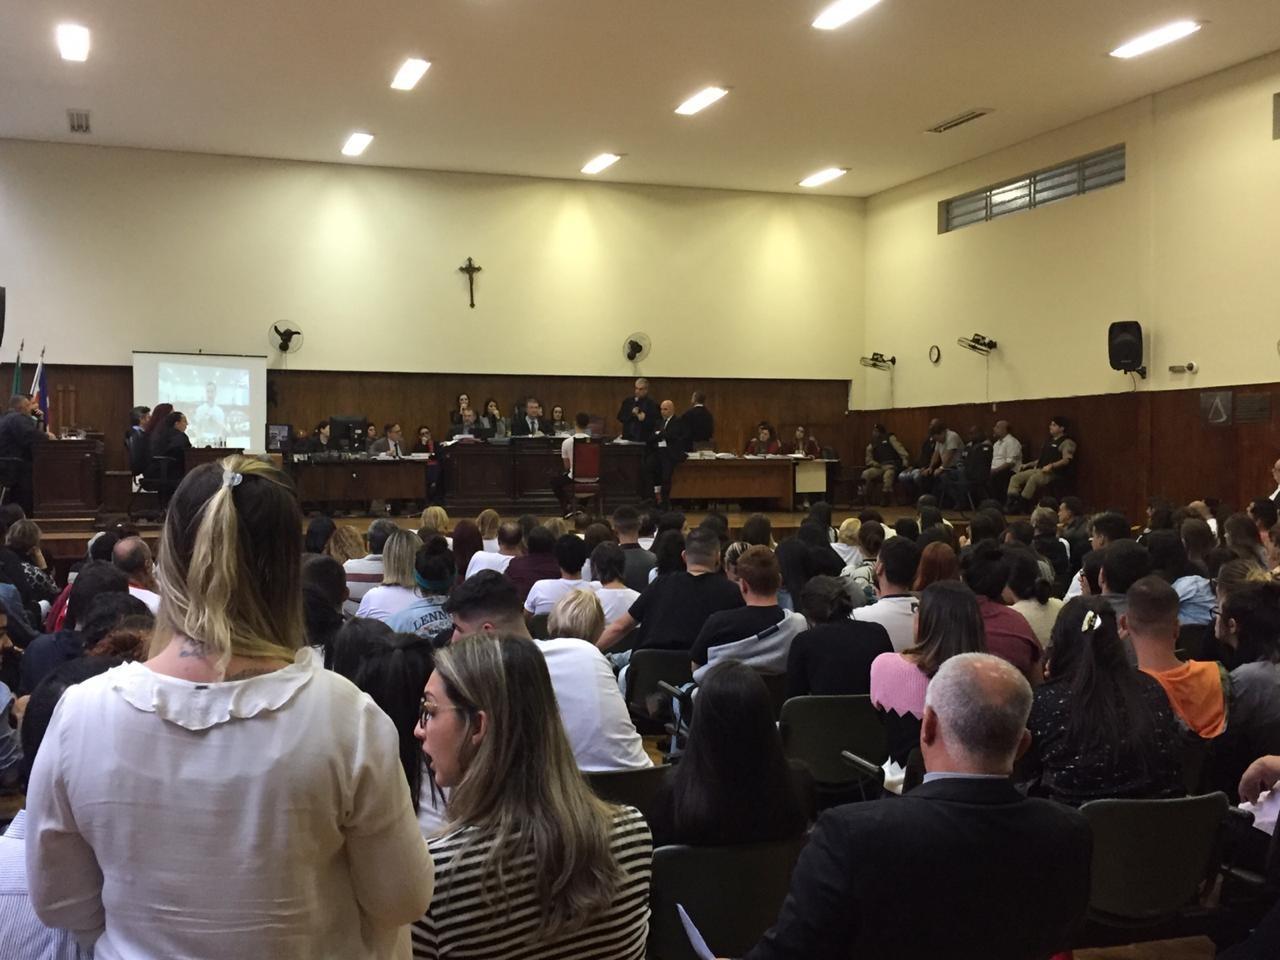 Caso Goldoni: julgamento vai continuar nesta quarta-feira em Juiz de Fora - Notícias - Plantão Diário